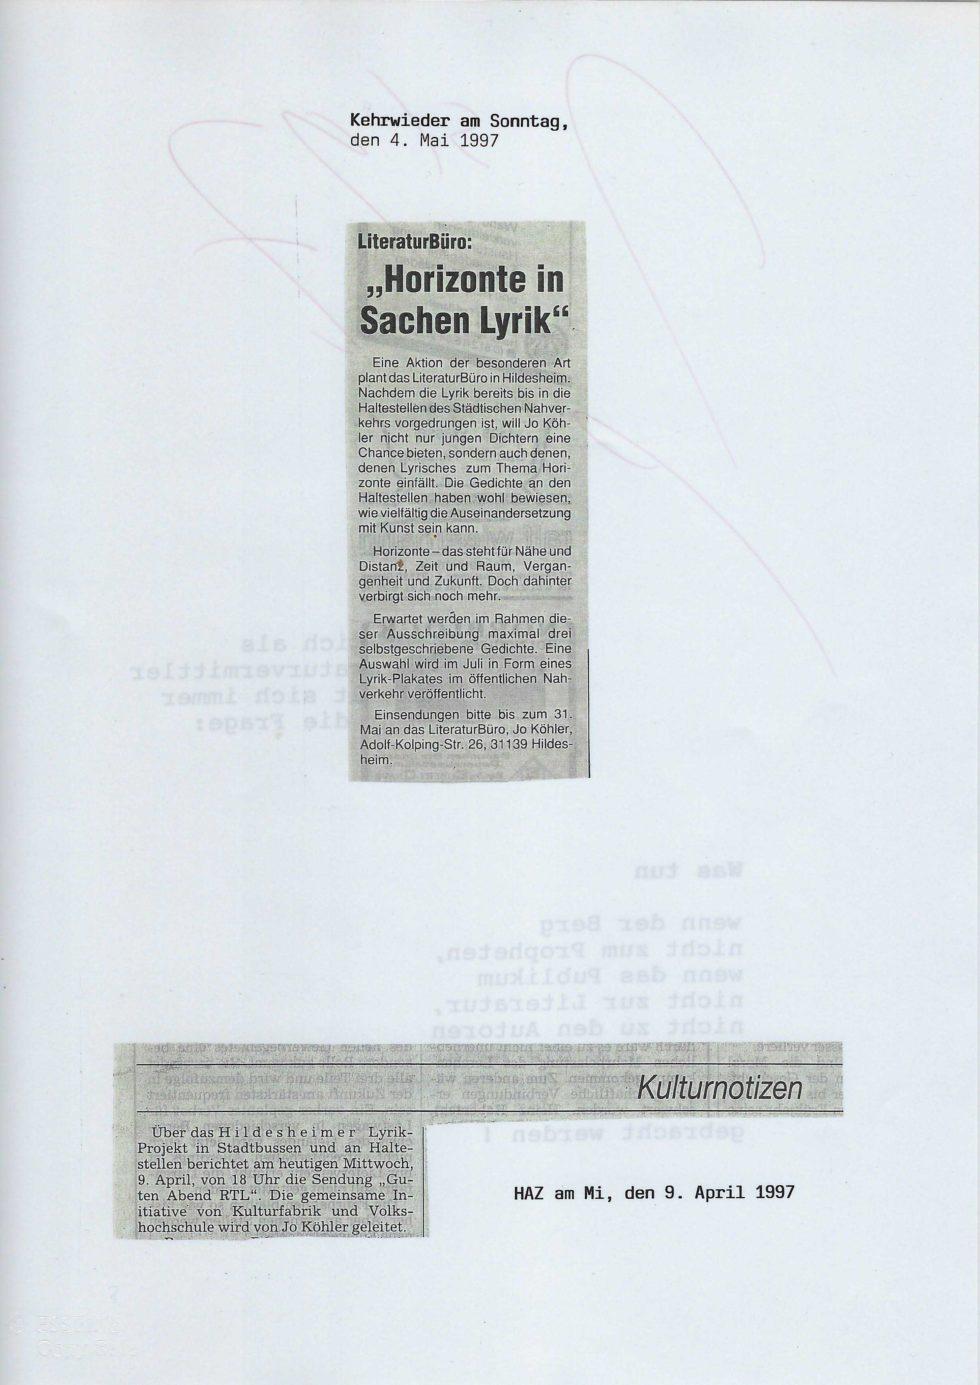 1997 Stift.Lesen, Lit.Tour, Lasker-Wallfisch_Seite_22